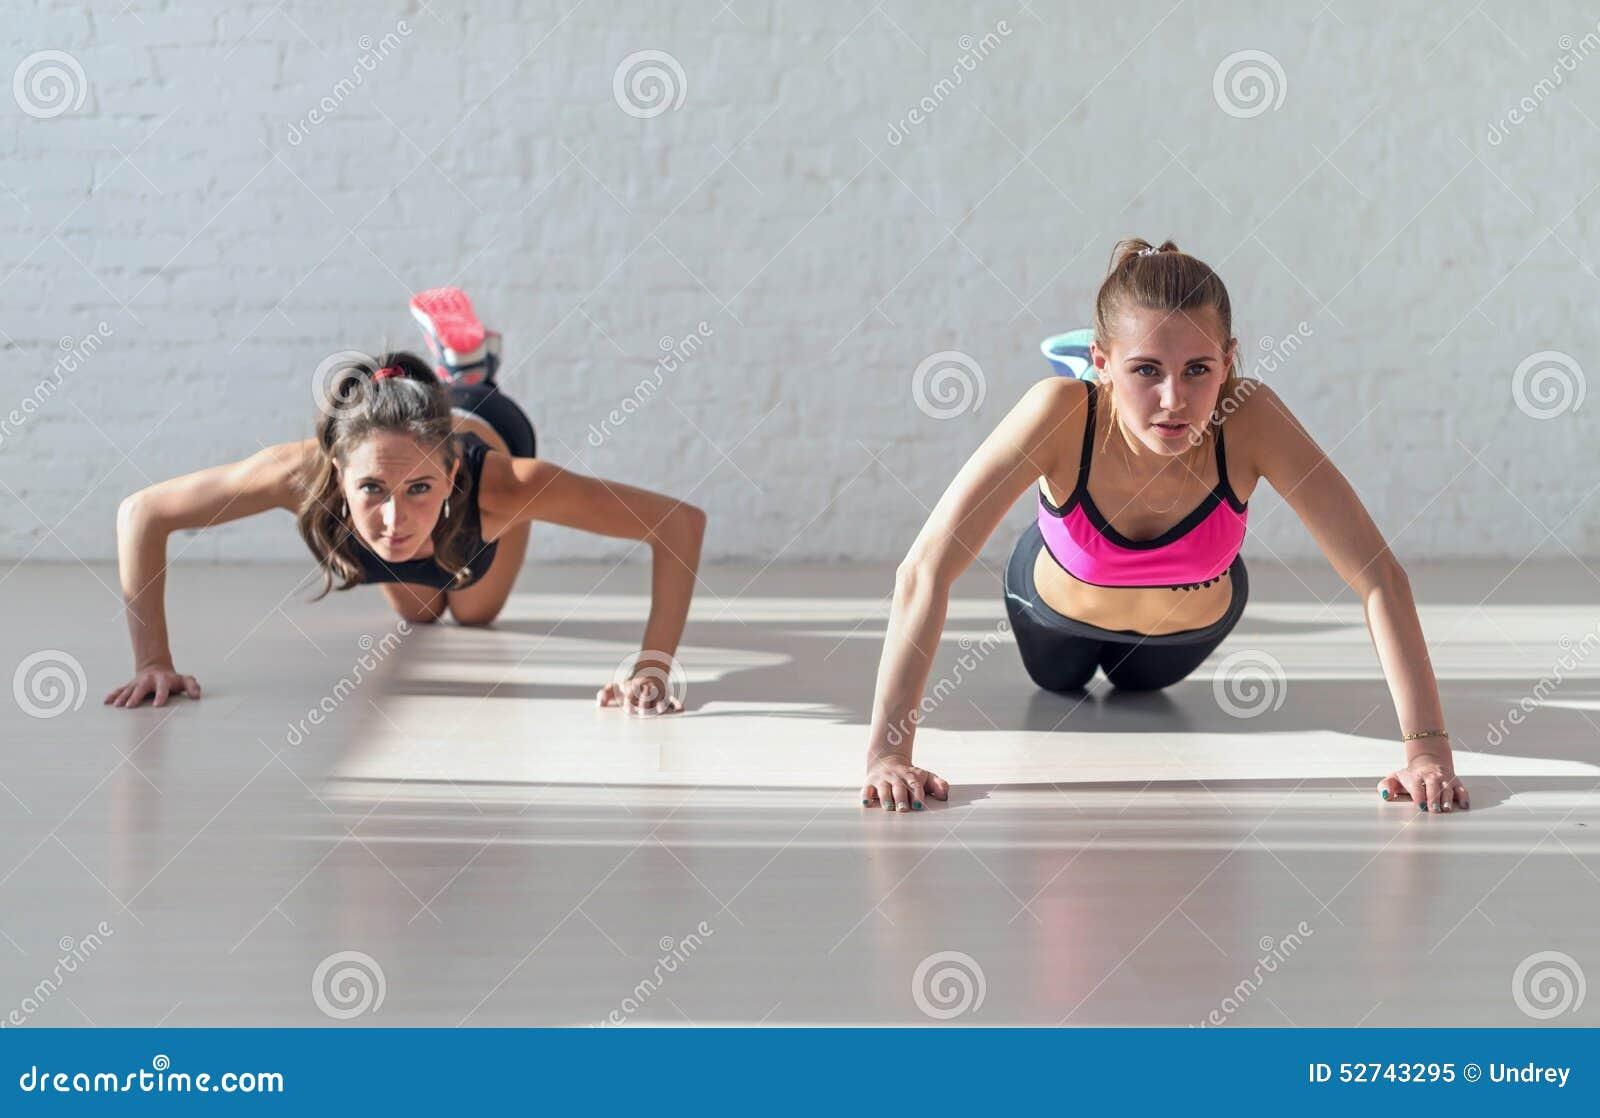 Il gruppo di donne di misura che si scaldano e che fanno spinge aumenta